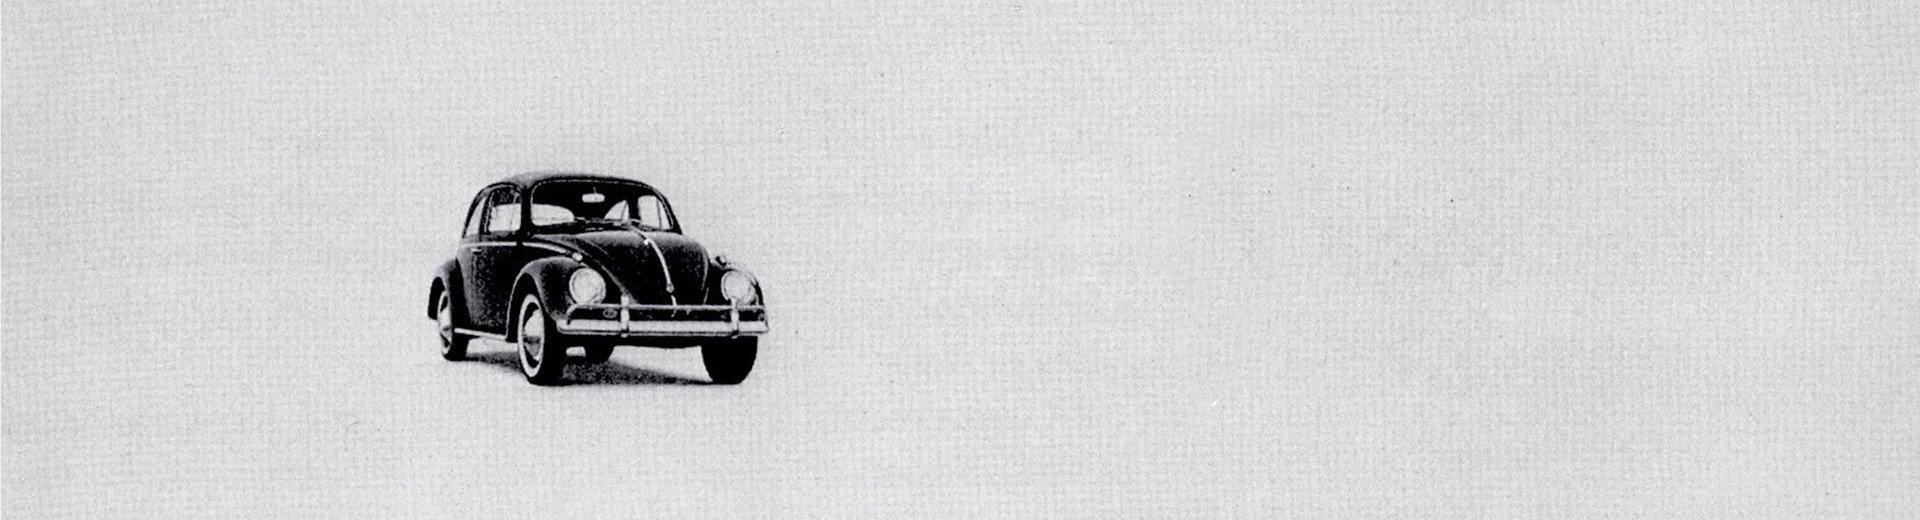 """Okładka artykułu VW Garbus w kampanii """"Think small"""" — Reklama, która puściła oko do odbiorców"""